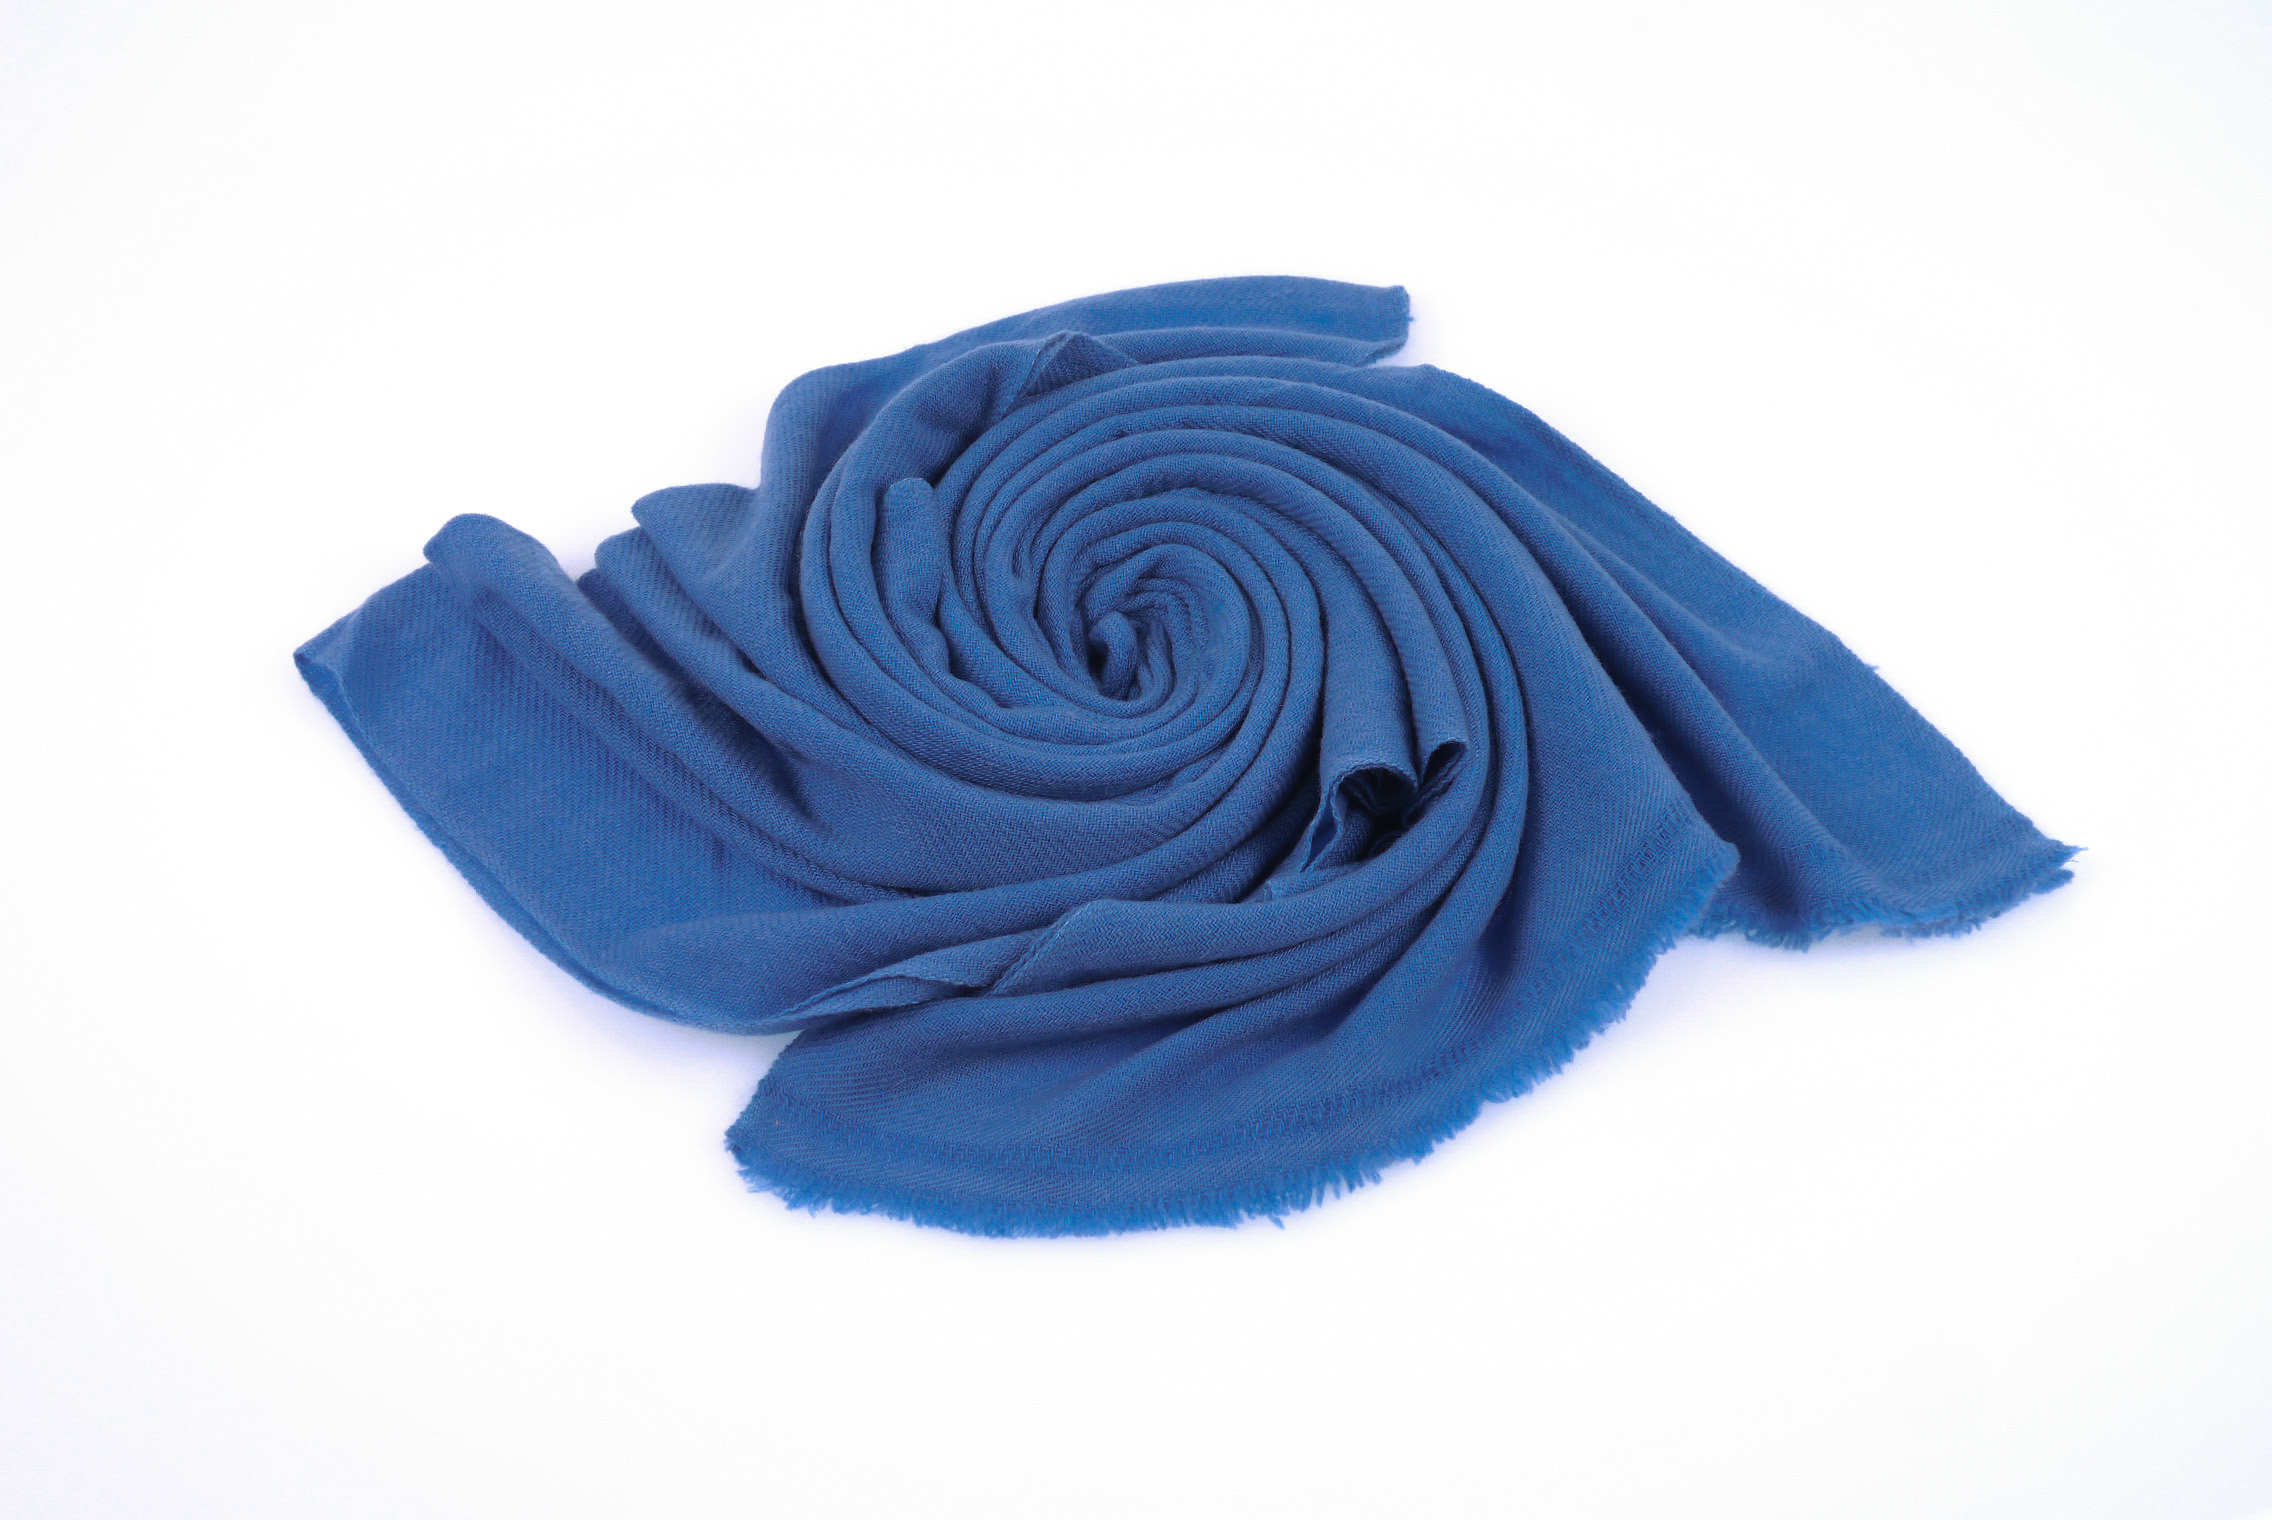 zh喀什米爾圍巾BQCASF0402-22.jpg